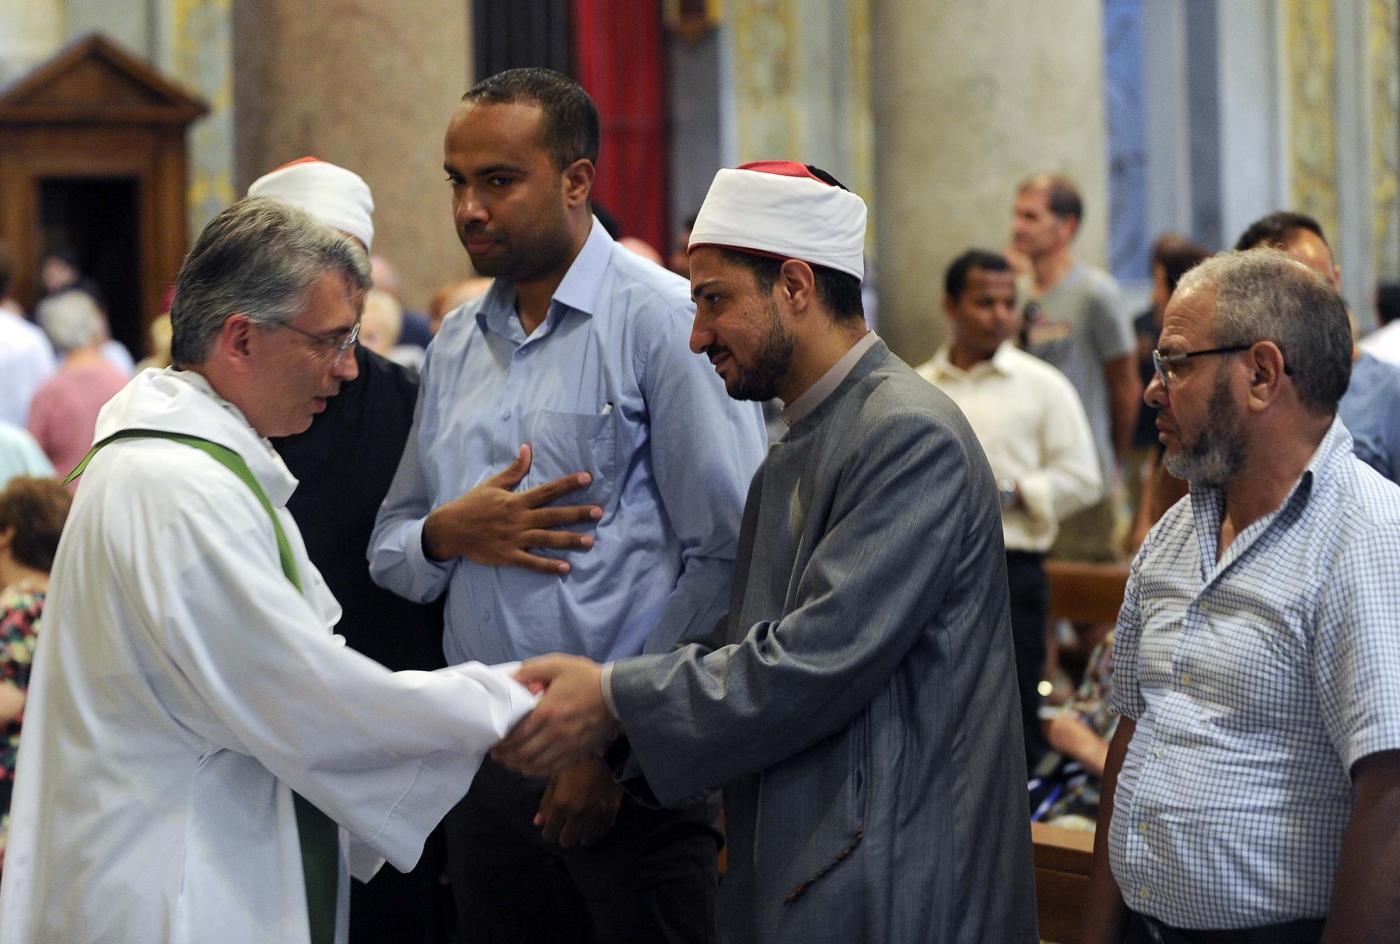 11 settembre: cristiani in moschea nell'anniversario dell'attentato alle Torri Gemelle